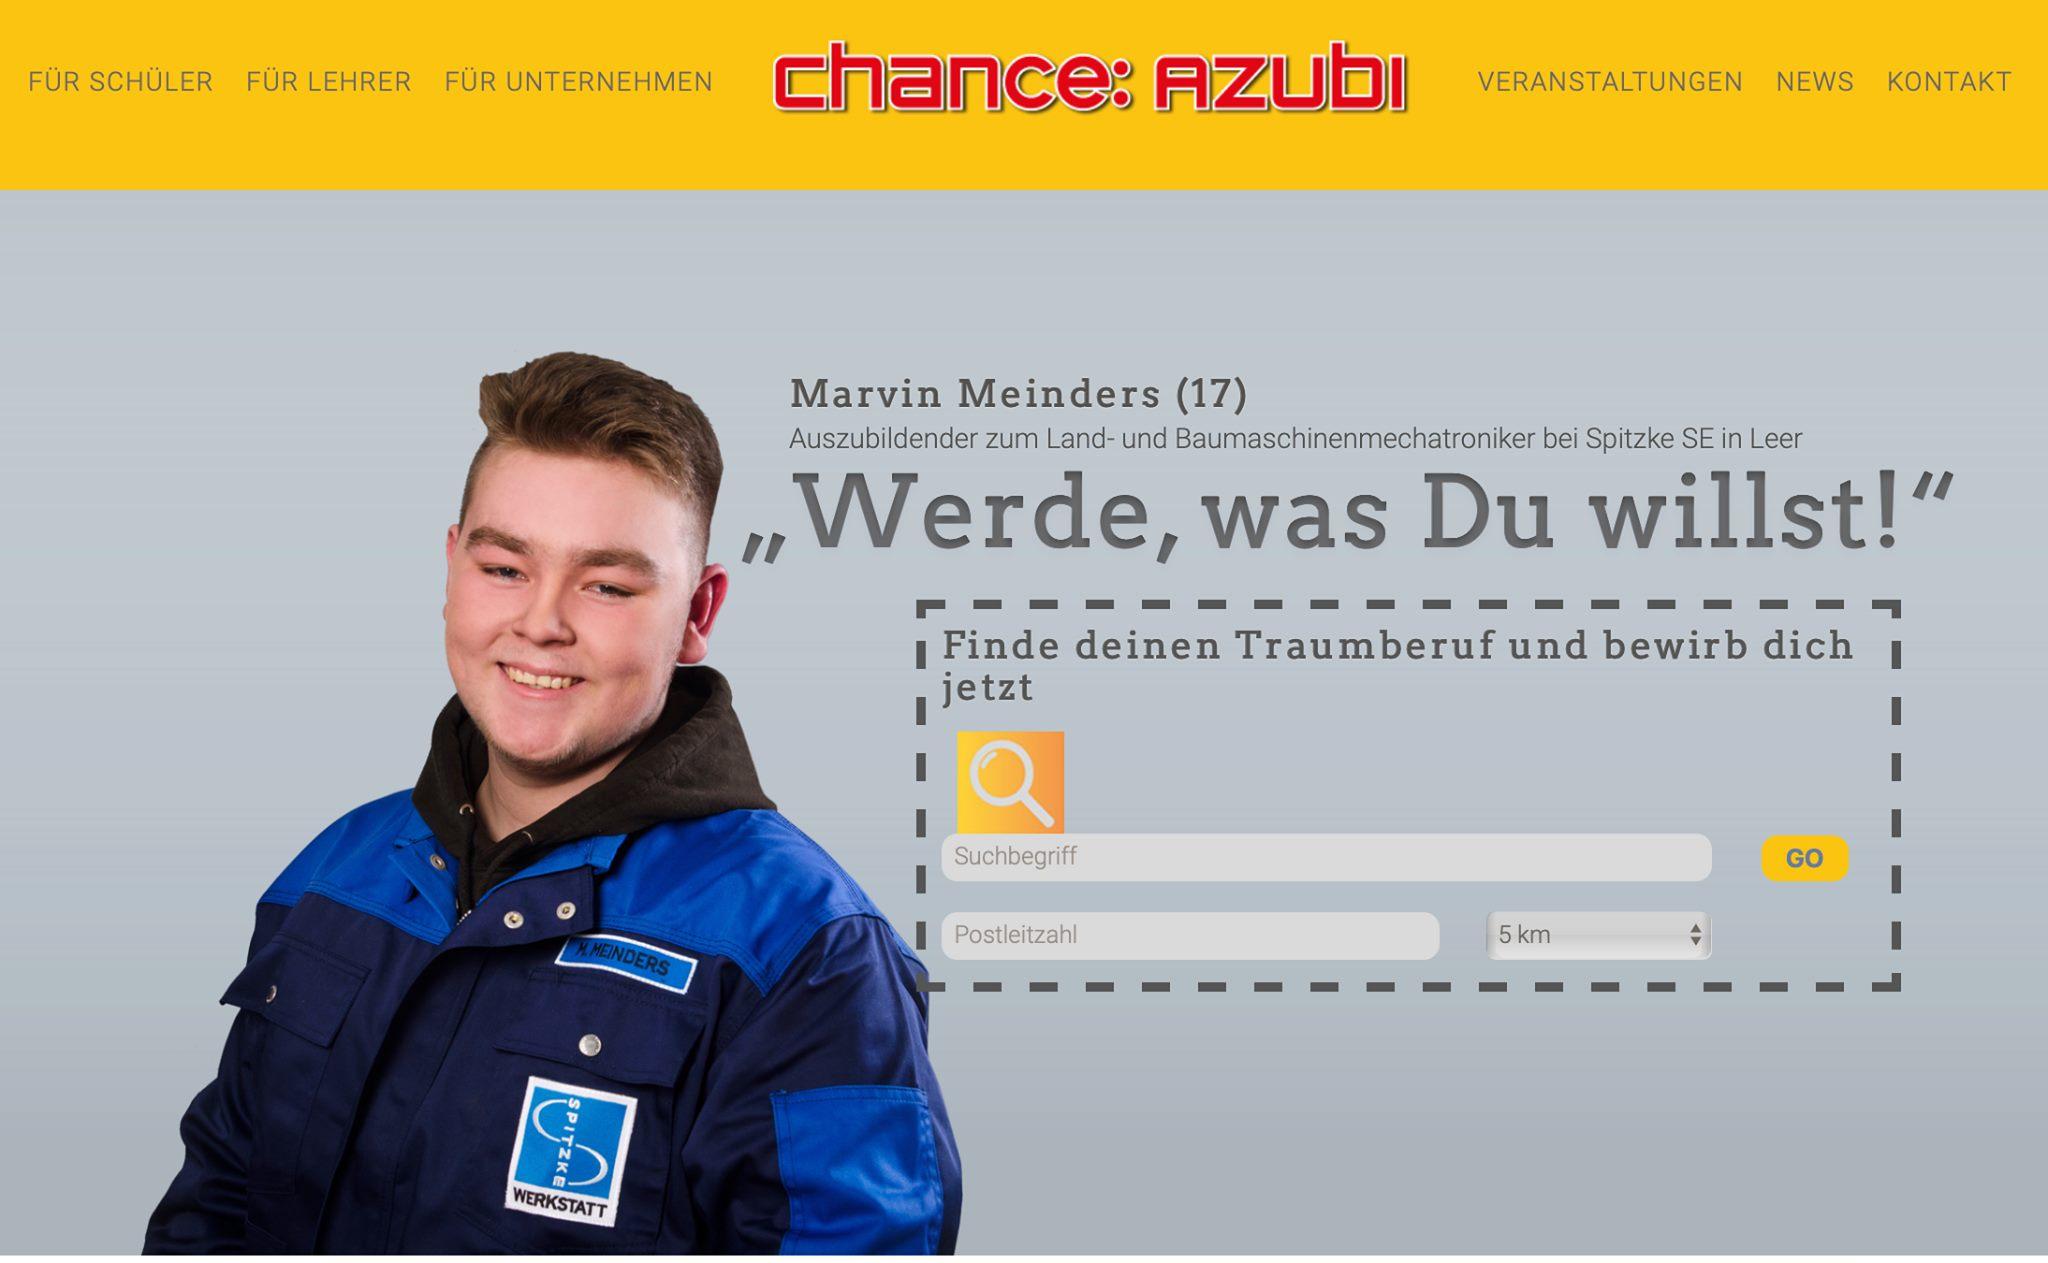 Der Verein Chance: Azubi betreibt ein Webportal zur Azubi-Suche